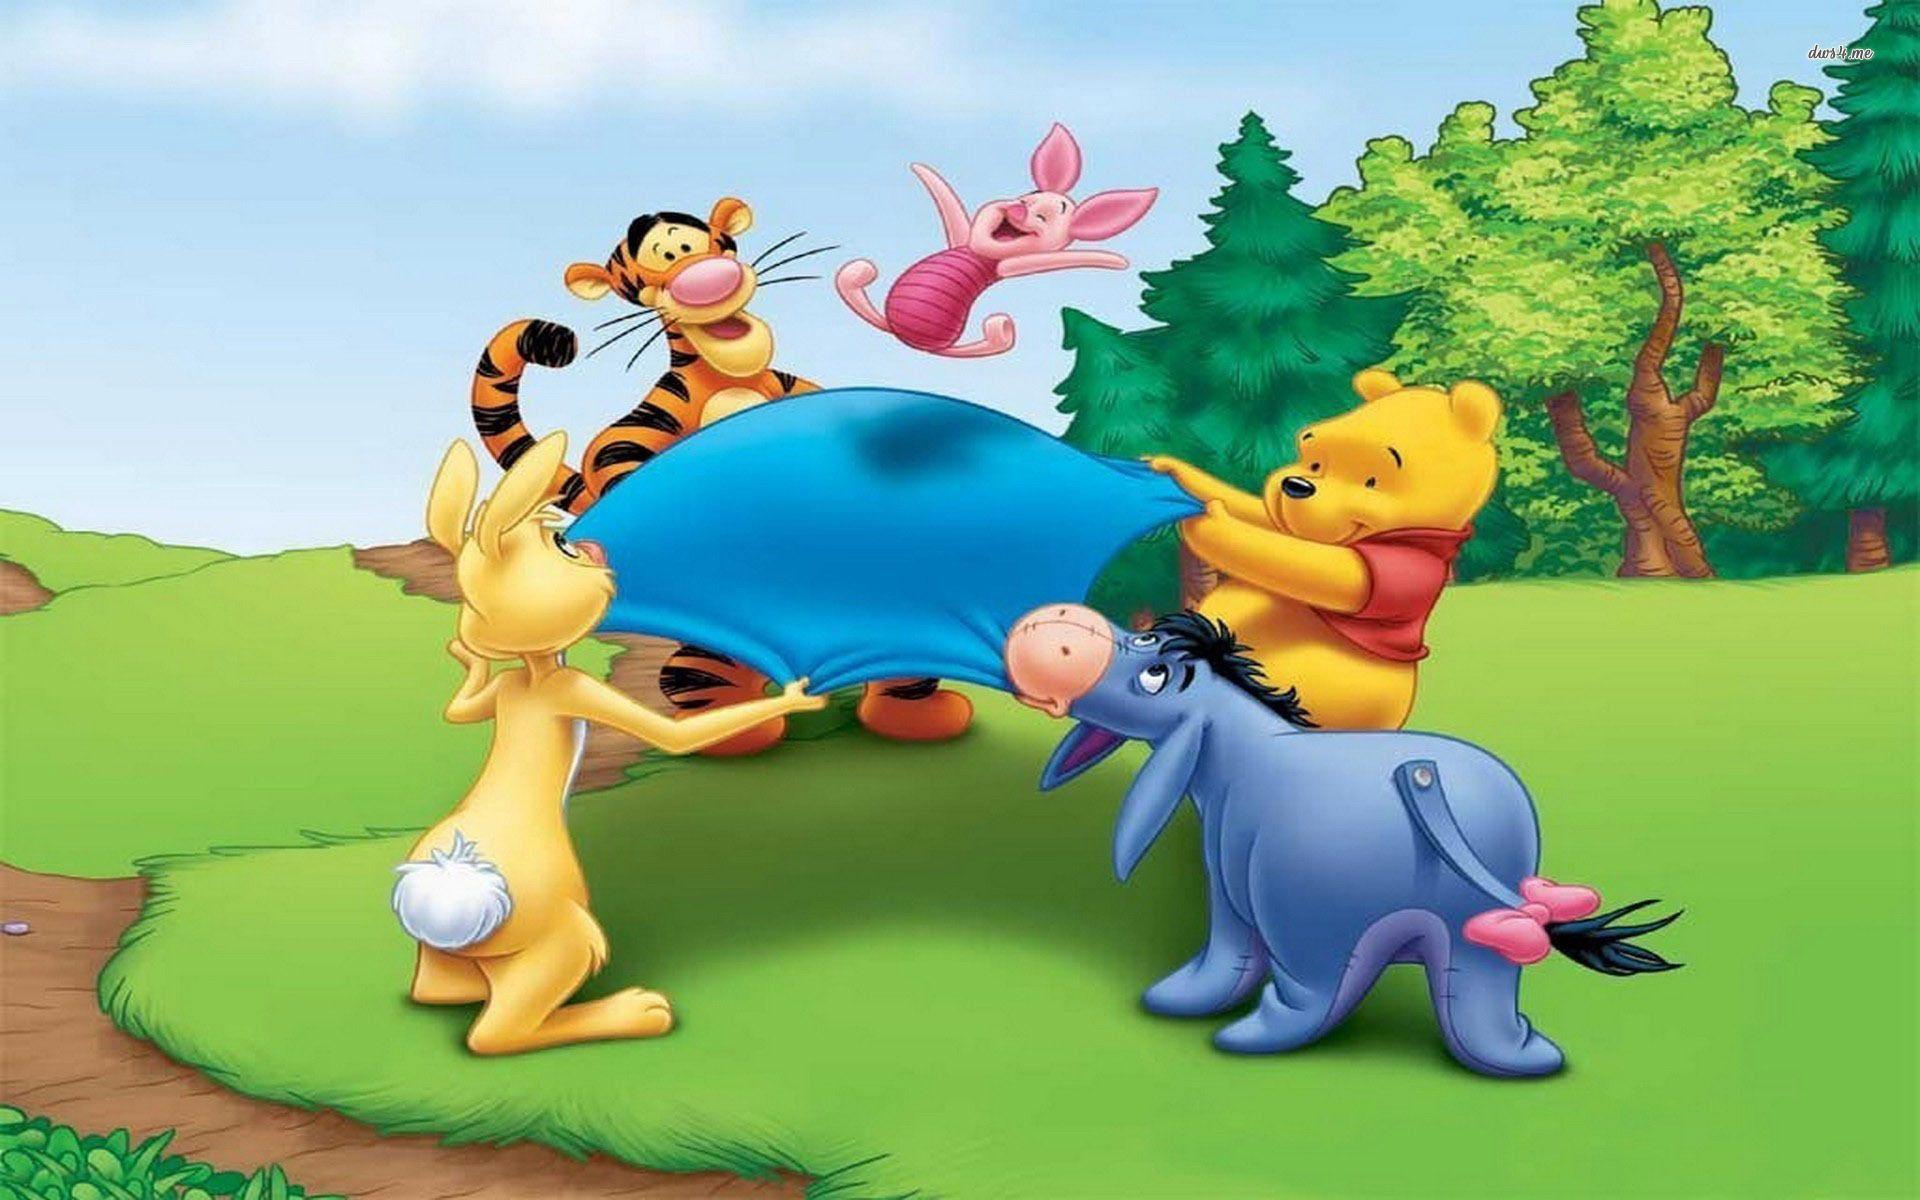 Winnie The Pooh Full Hd Wallpaper Winnie The Pooh Winnie The Pooh Cartoon Pooh